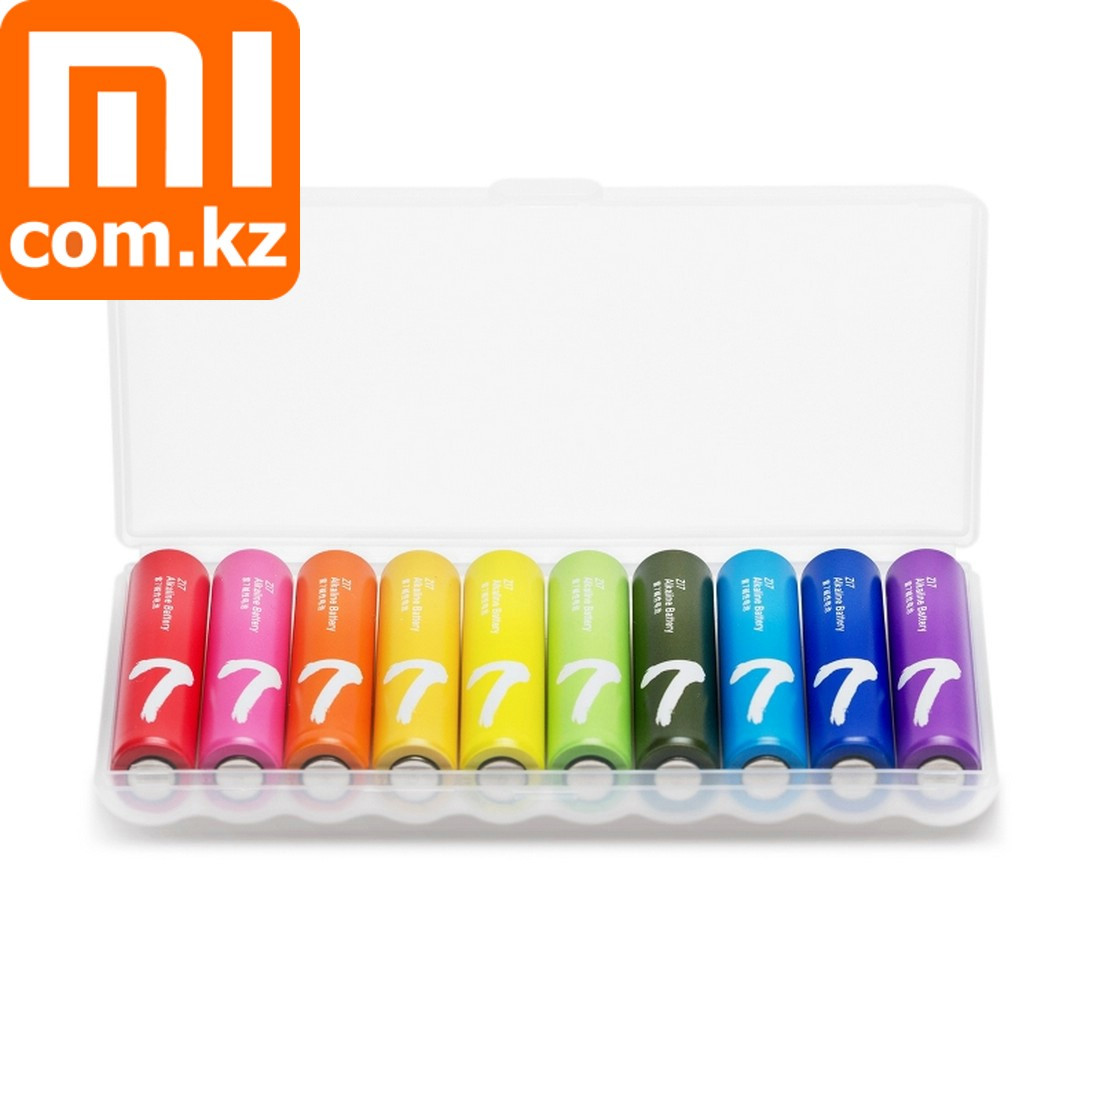 Батарейки Xiaomi Mi Rainbow AAA, 10 шт. Оригинал. Арт.4905